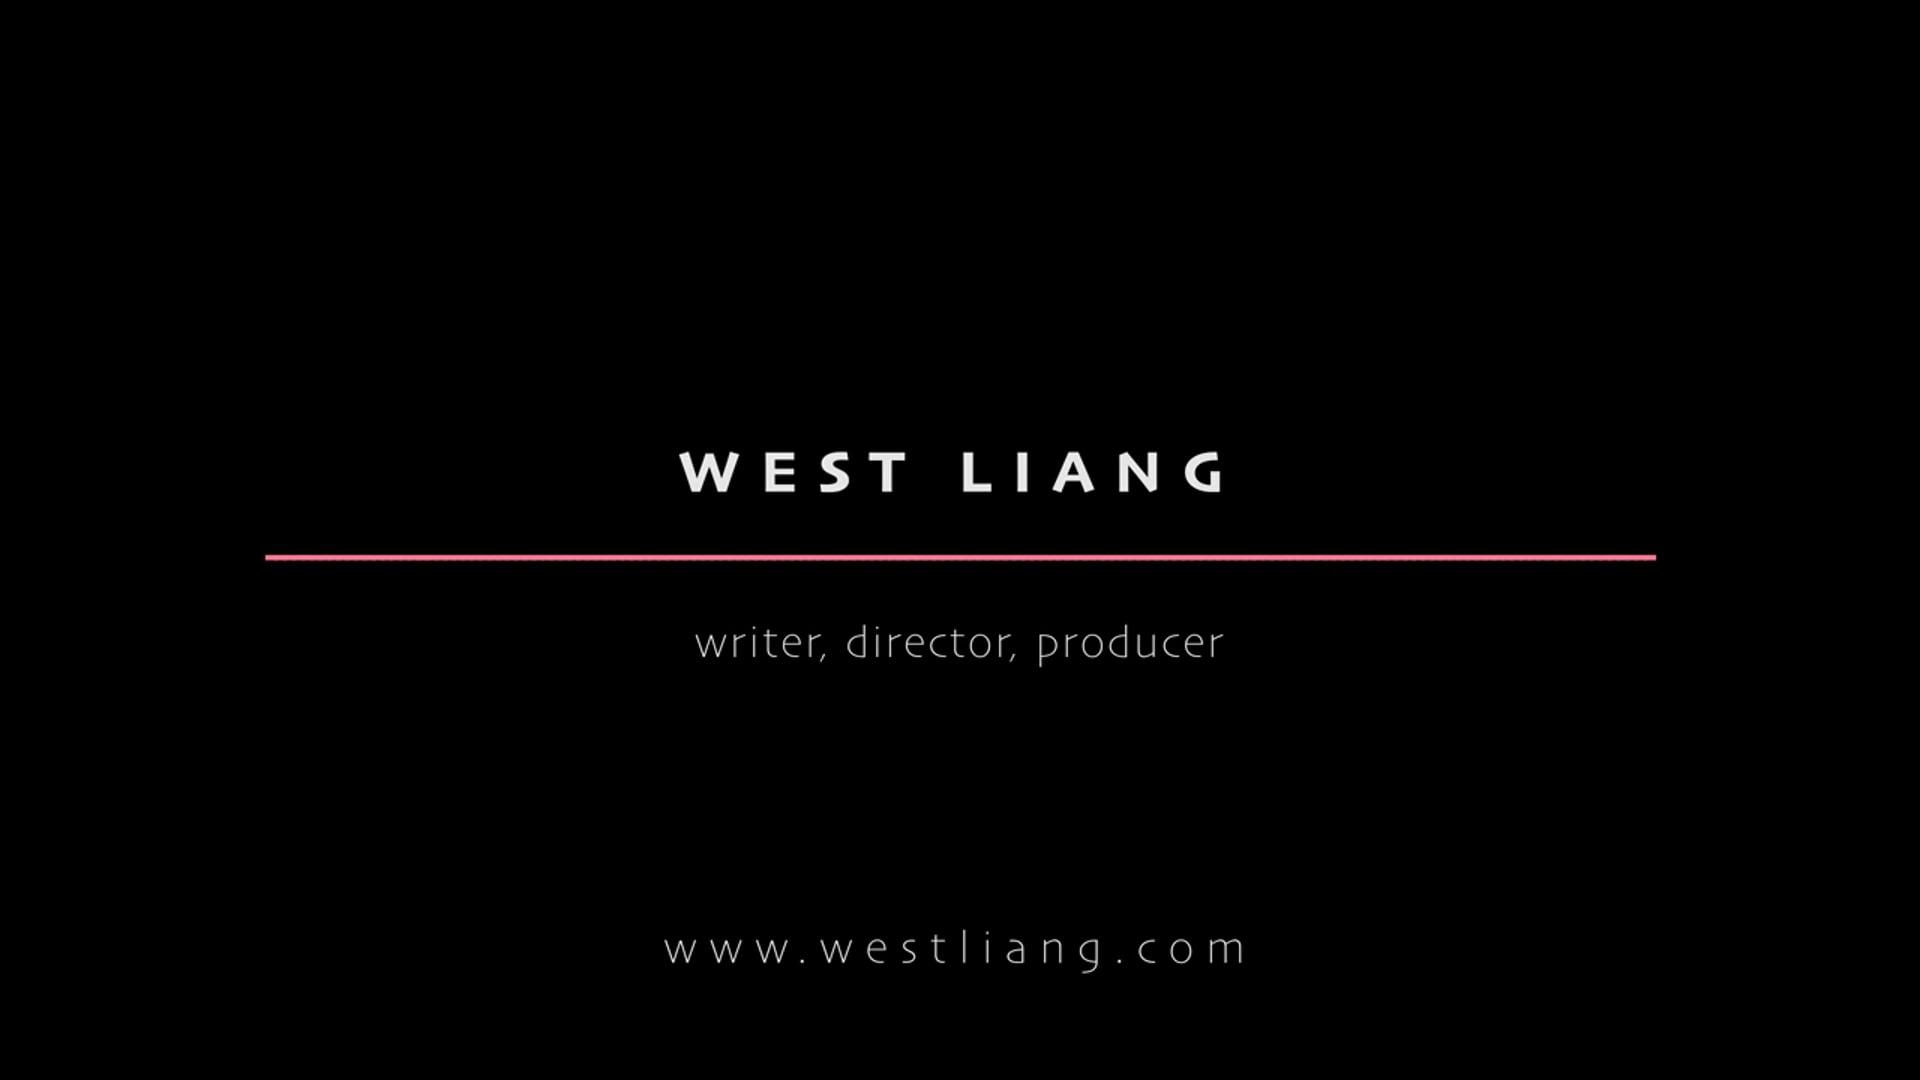 Director Statement / Showcase